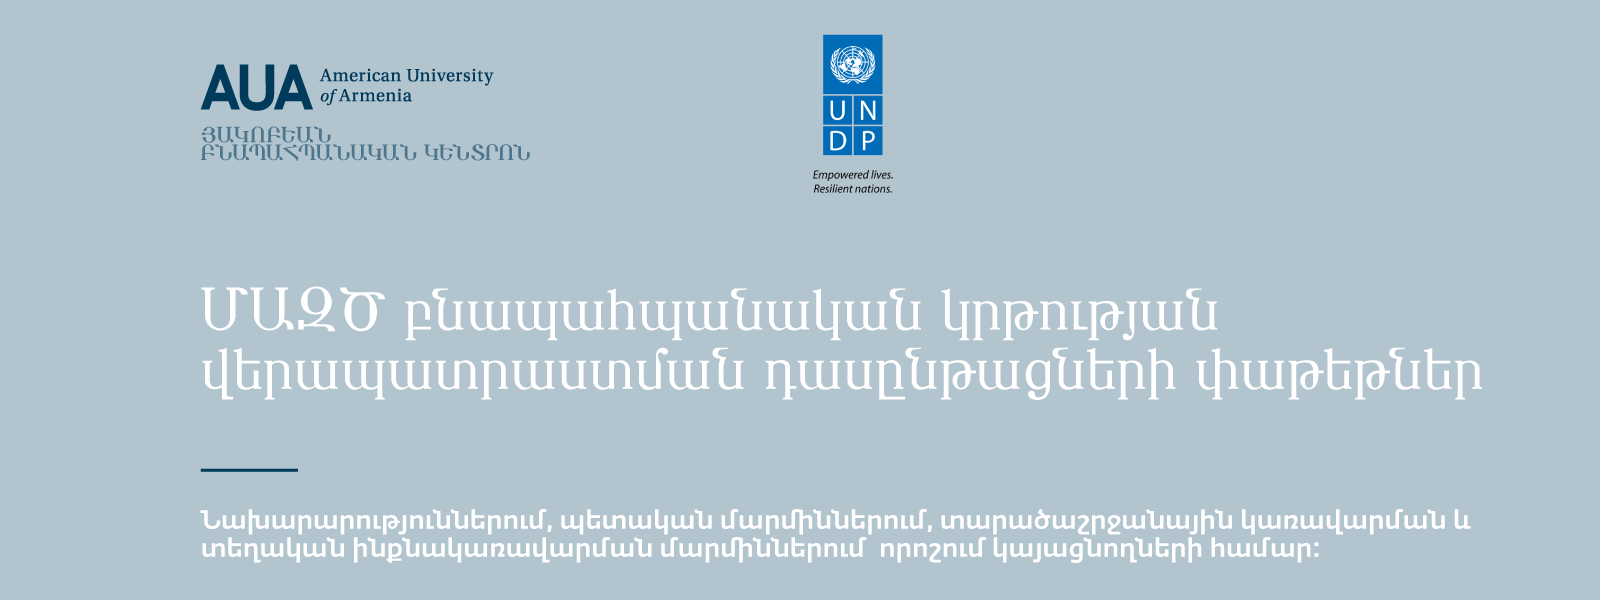 UNDP_ARM_Web